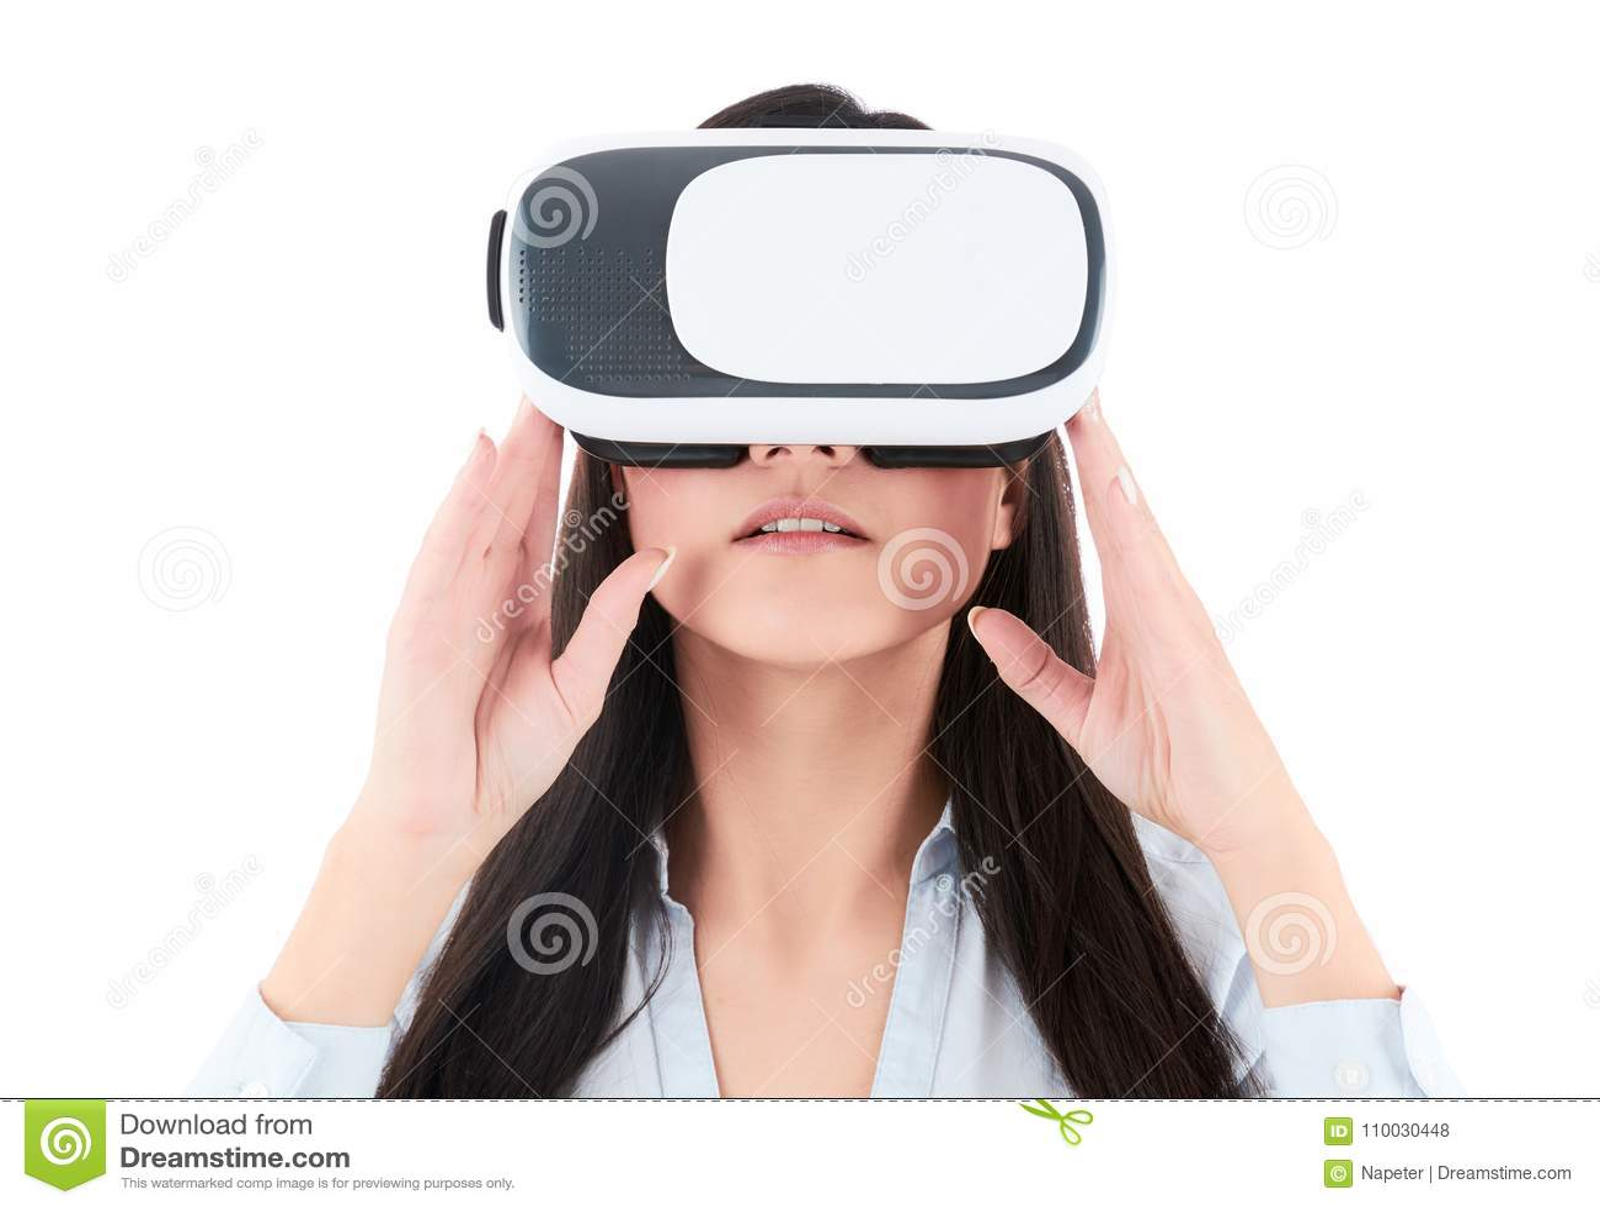 少妇使用在白色背景的VR耳机